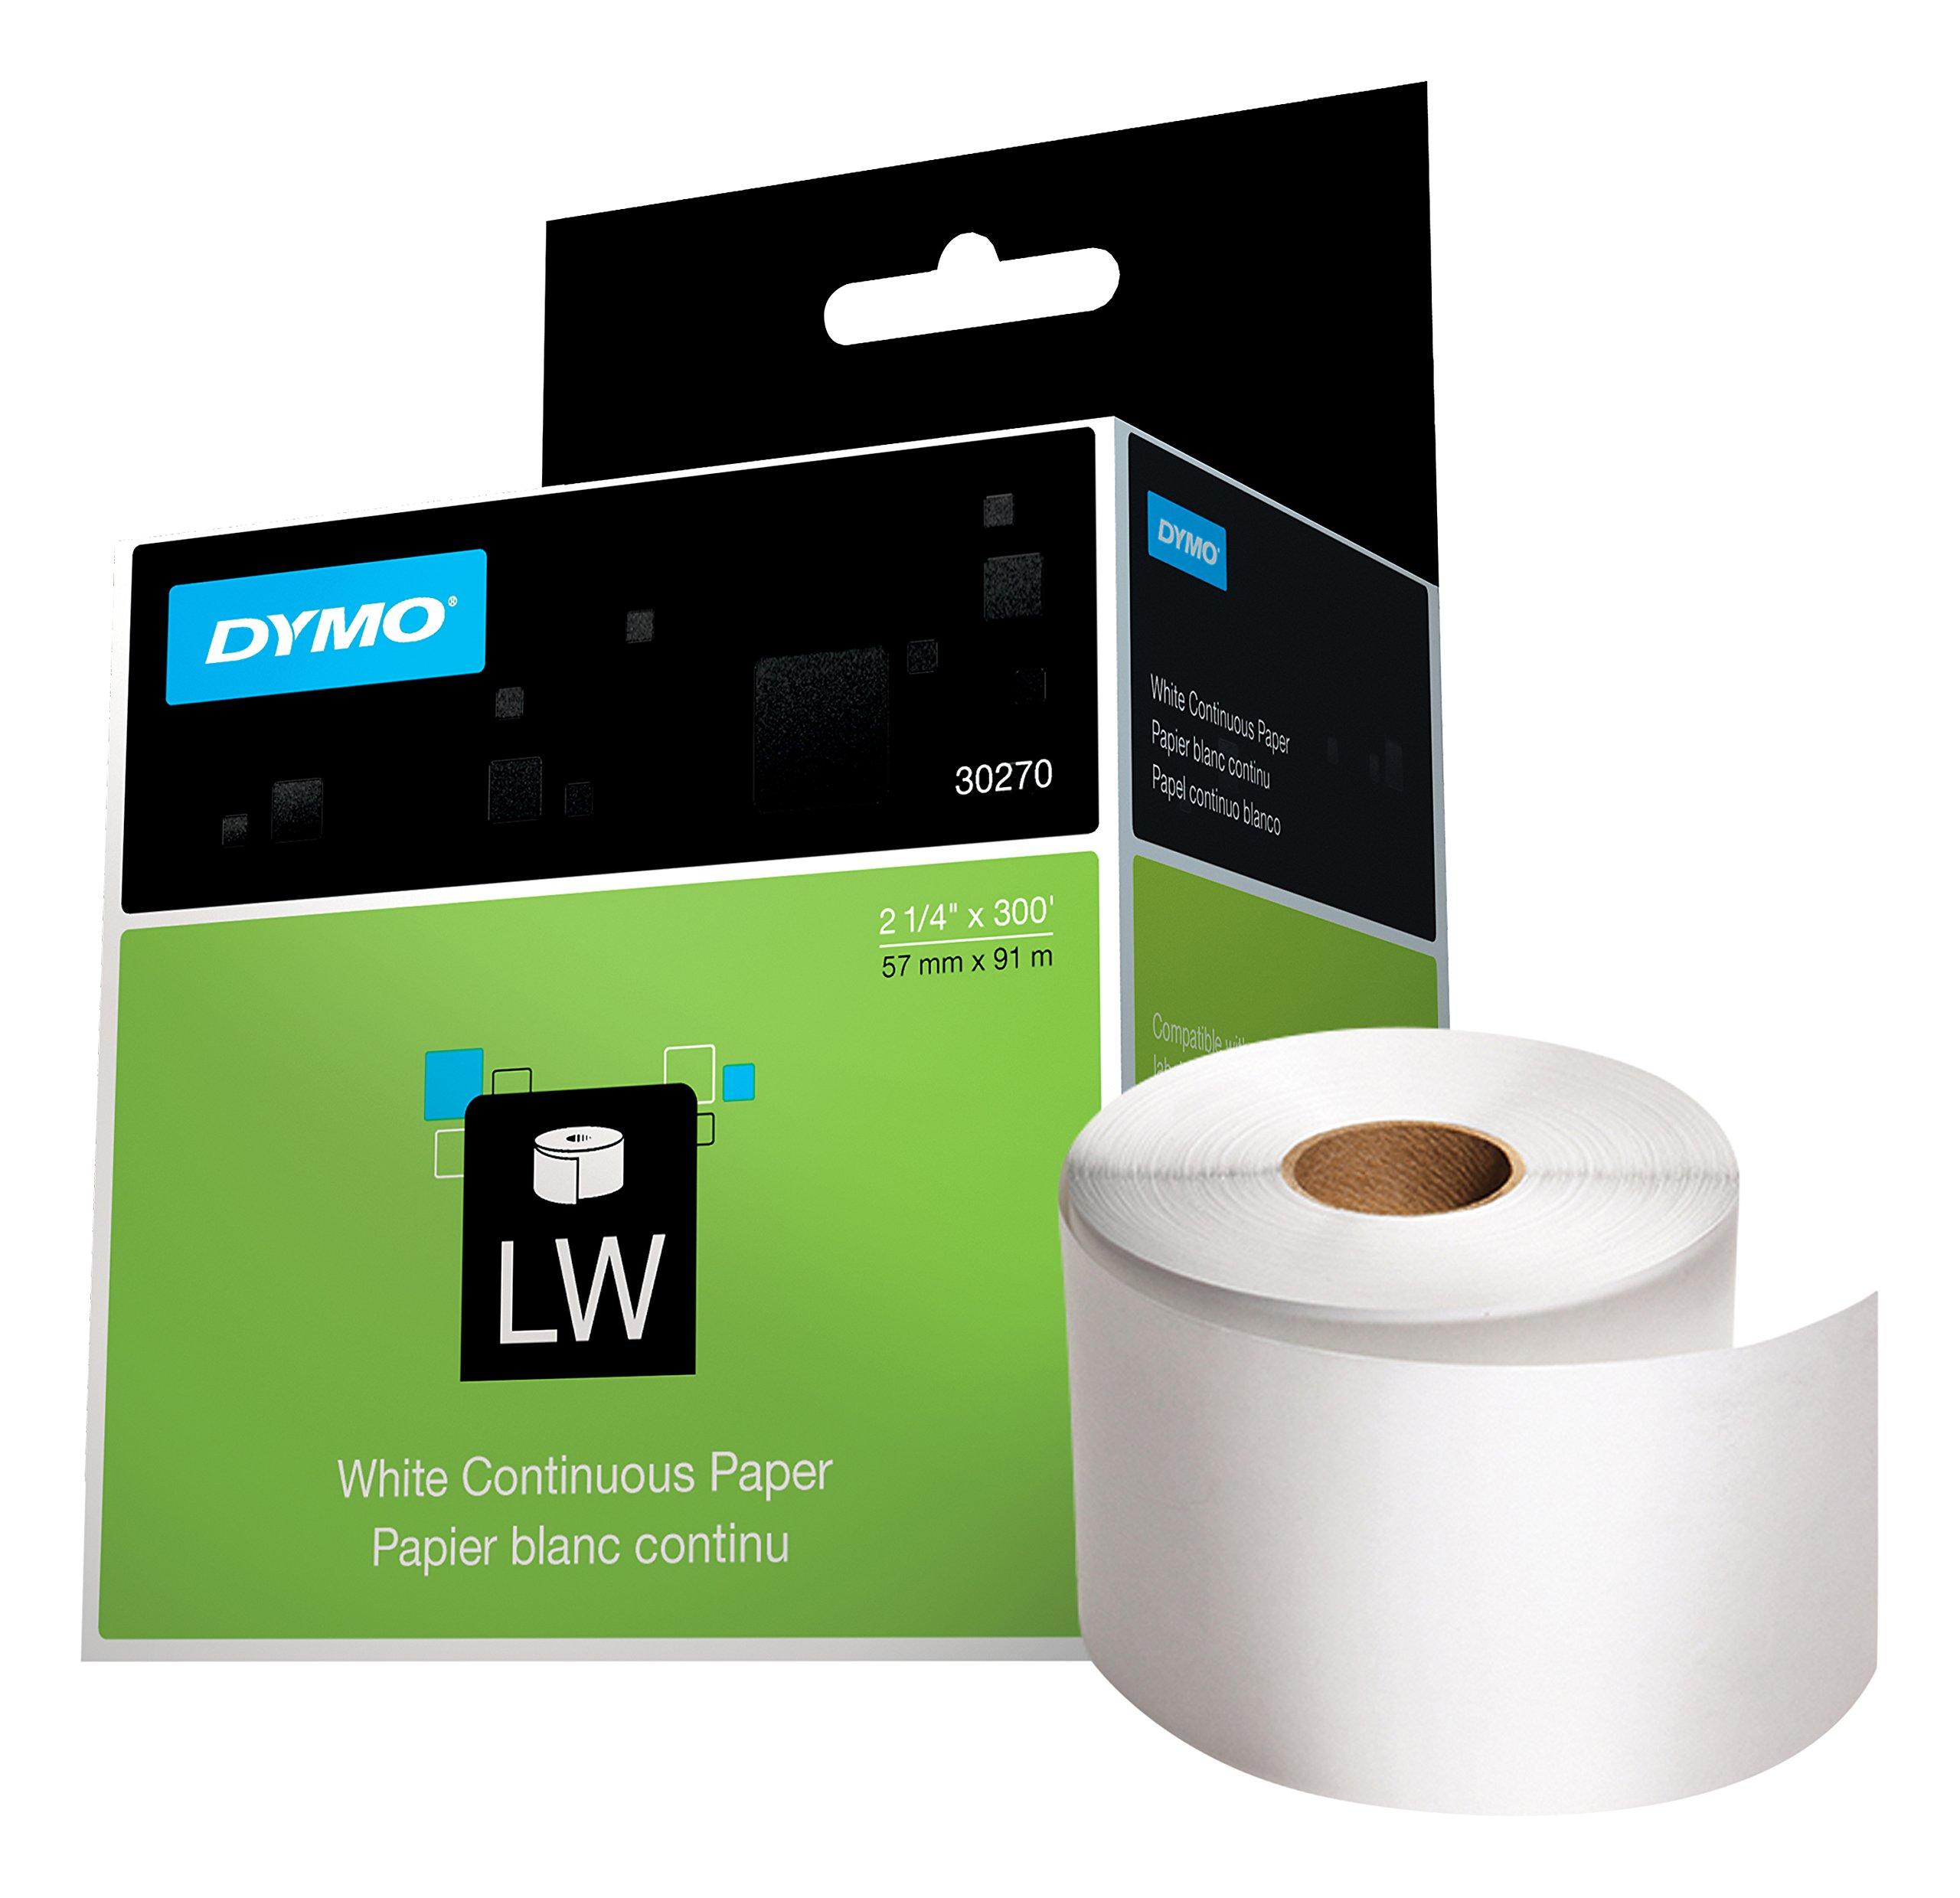 co h ultrasonic and feeder label machine y hy international index function cutting folding cnvhiggi multi